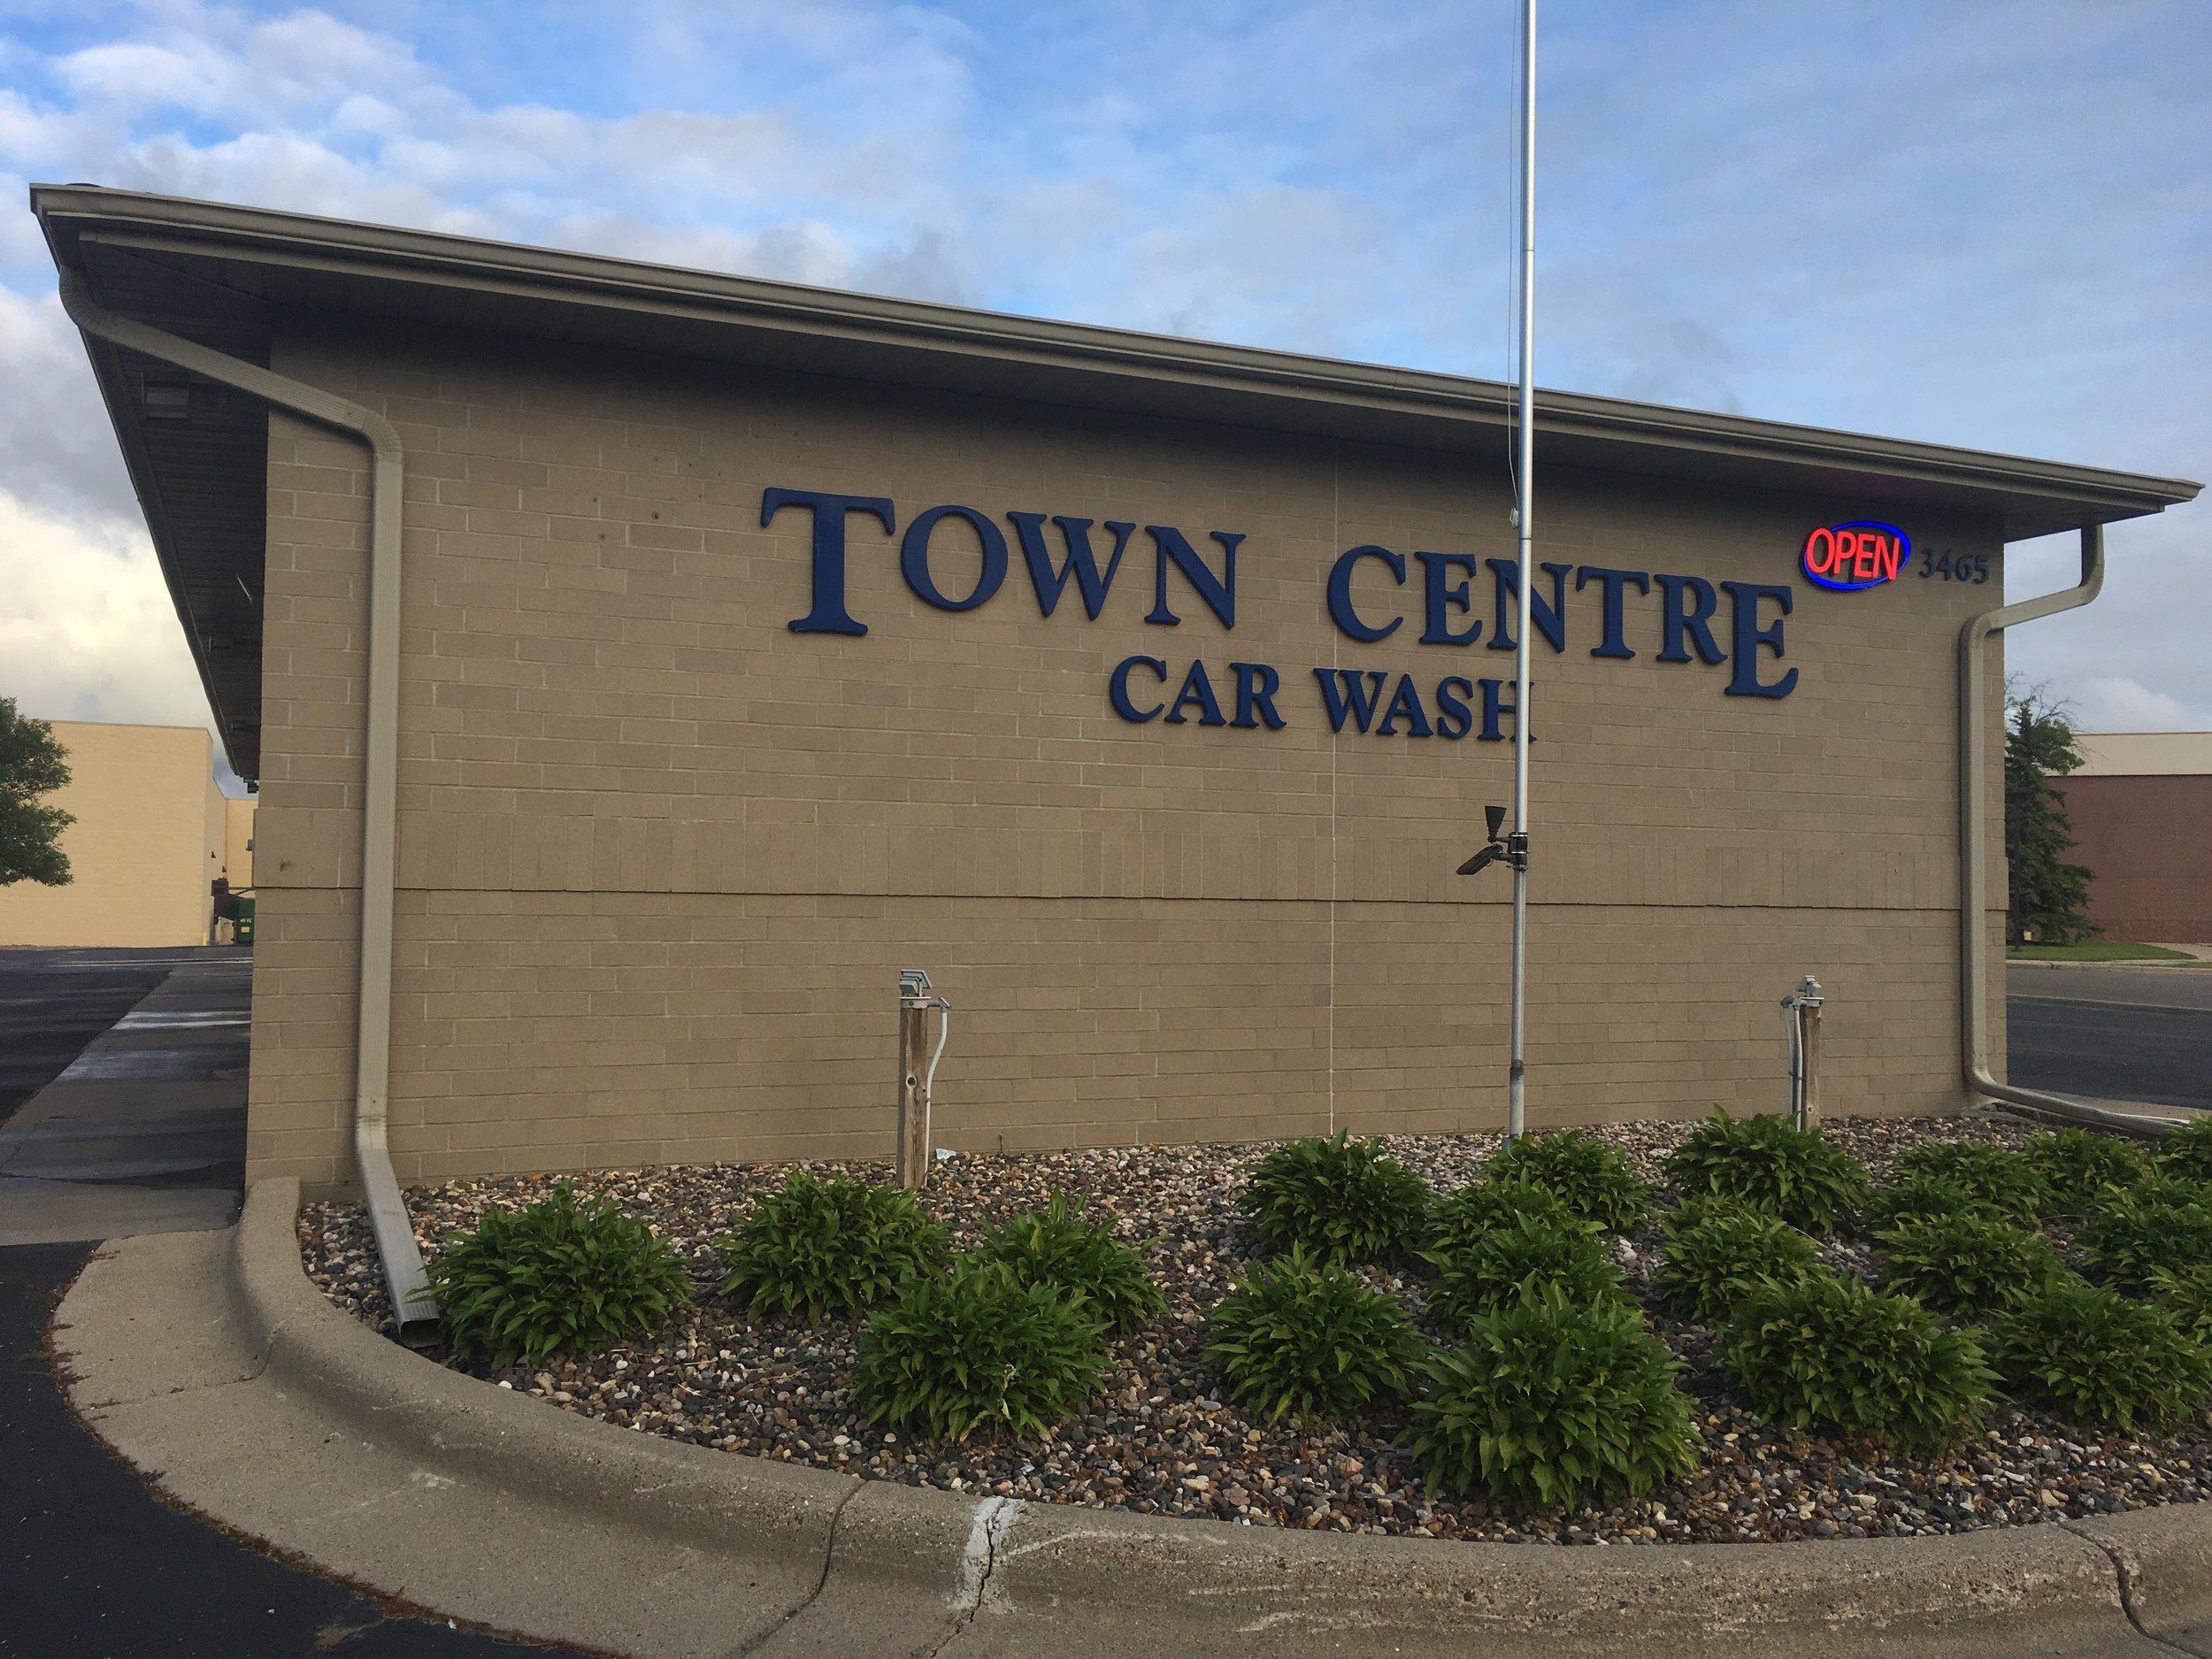 car-wash-eagan-mn-town-centre-car-wash-03.jpg